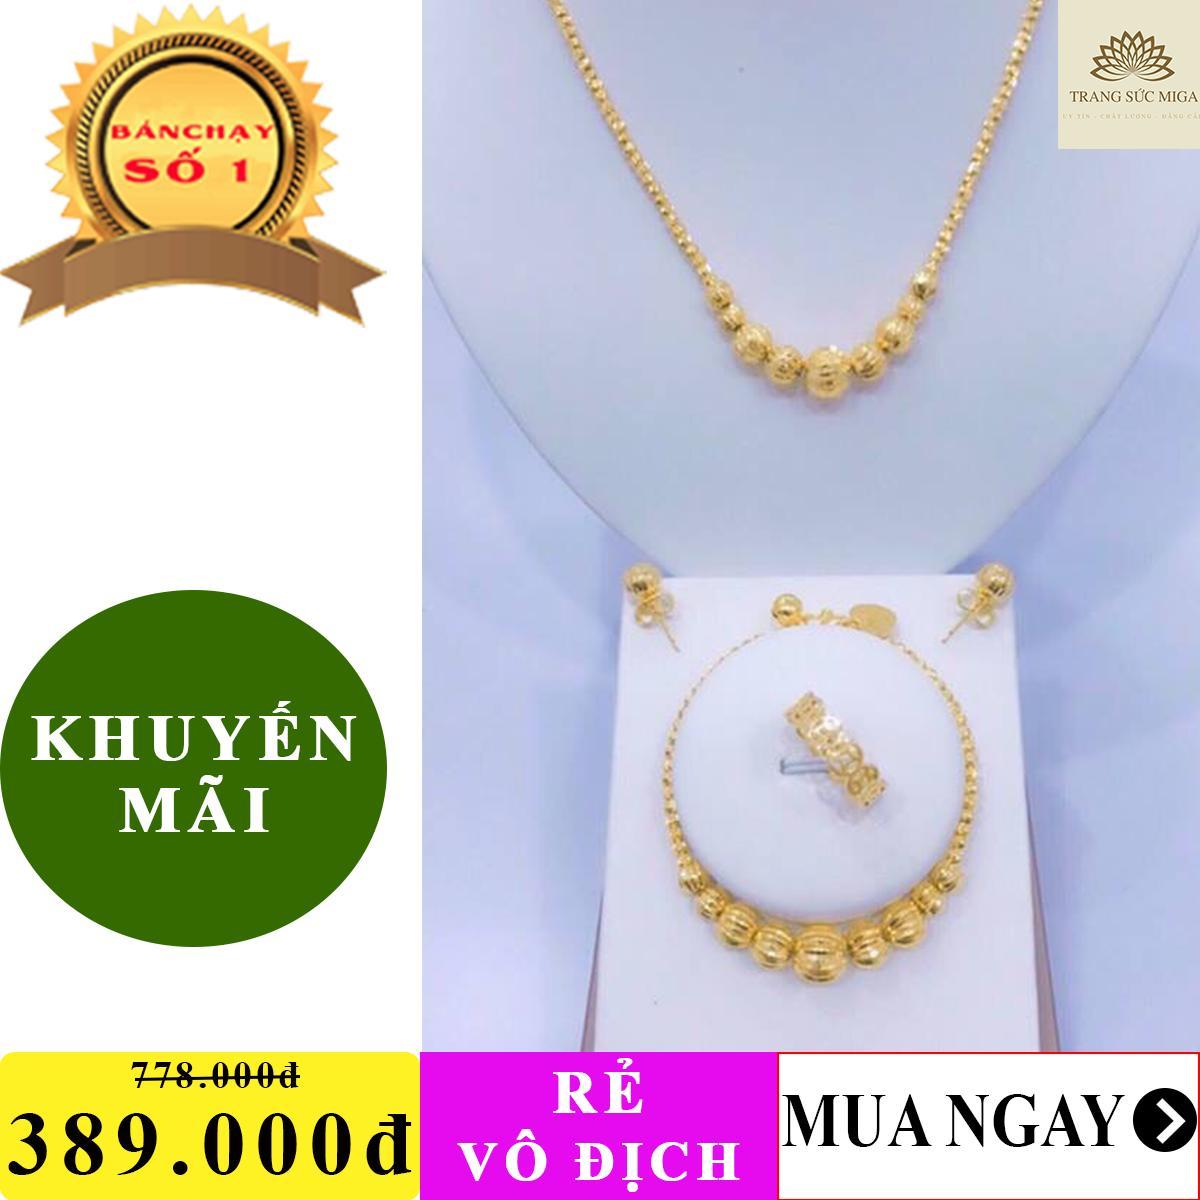 Bộ trang sức bi vàng trơn chạm khắc tinh xảo phong cách thời thượng Trang Sức Miga VB401091926 - dùng đi tiệc cực kì sang chảnh